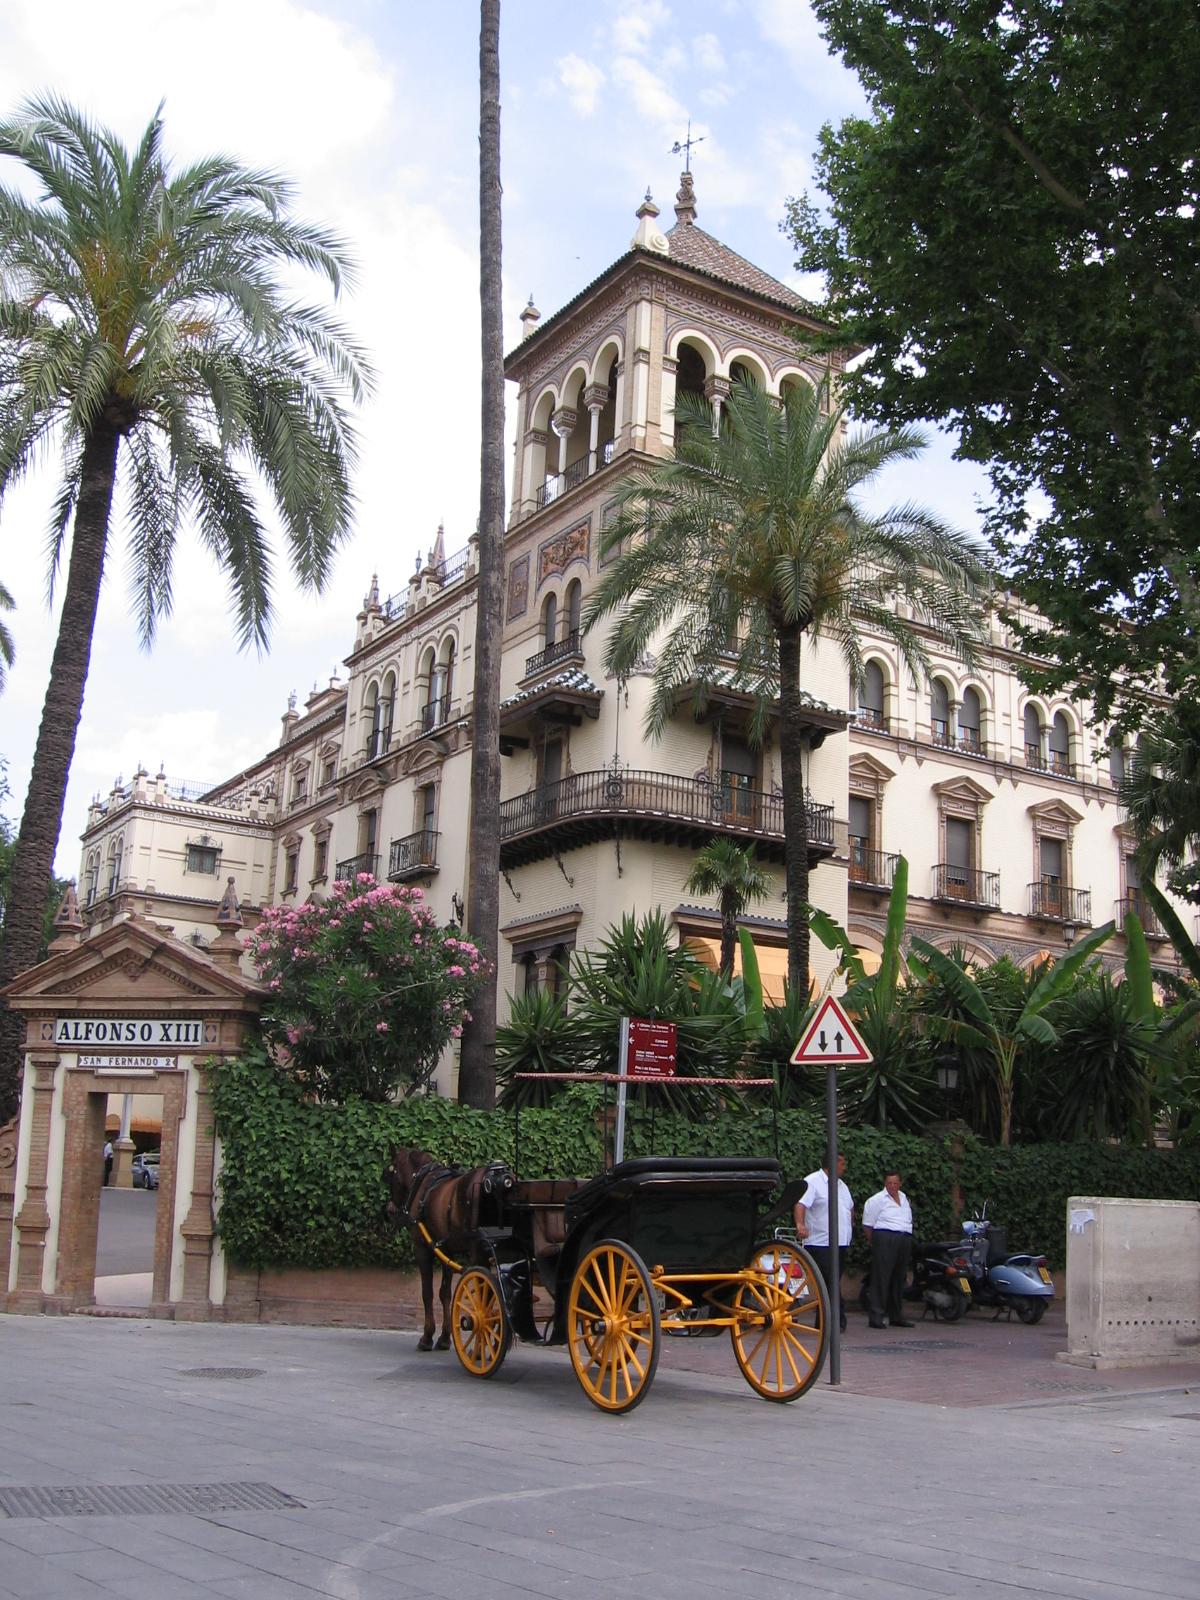 Spain Seville 2009 538.jpg